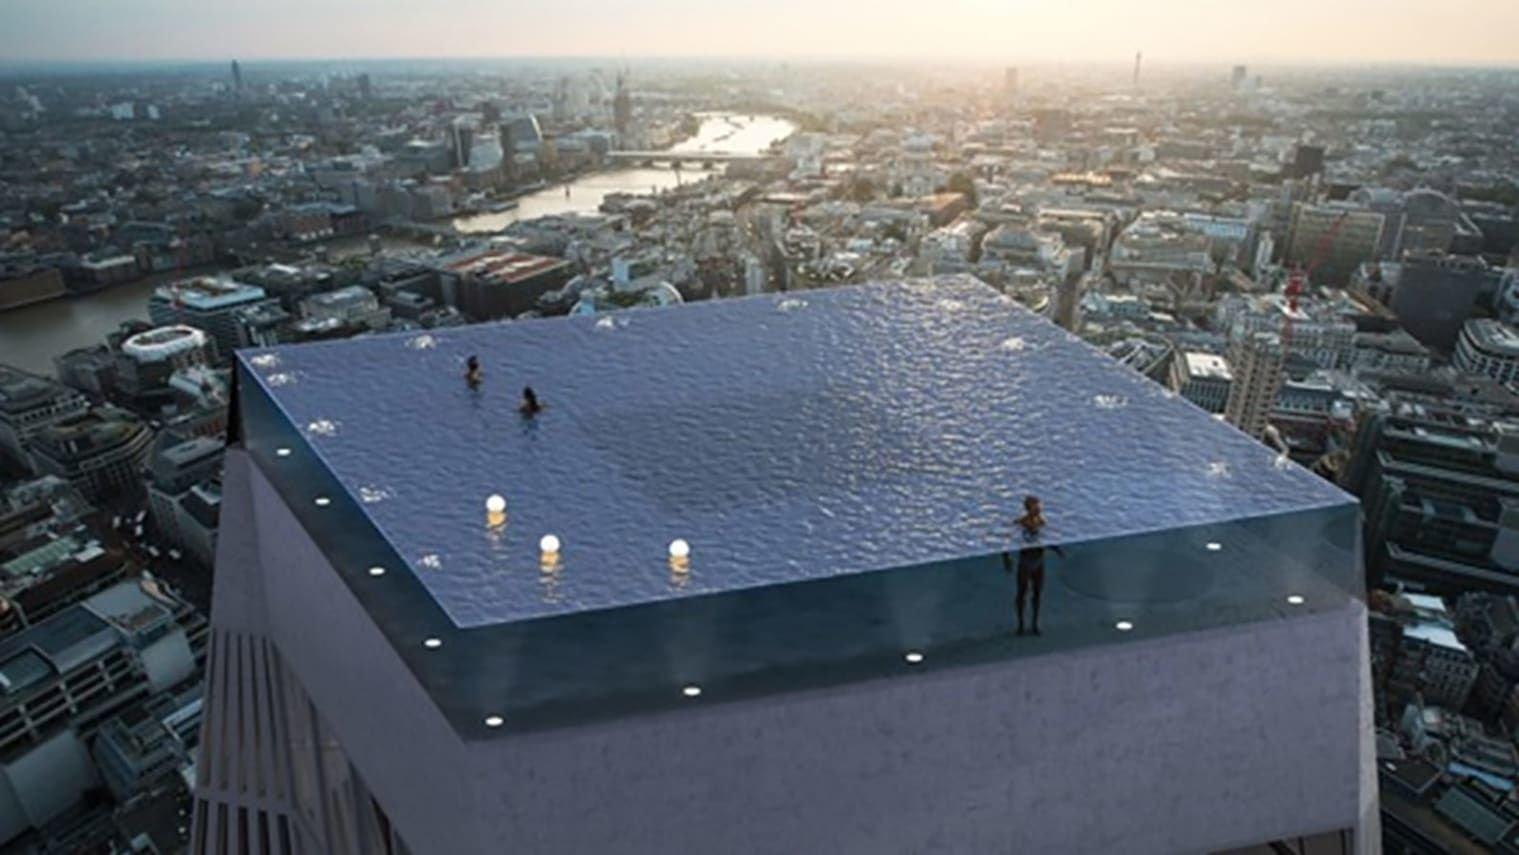 ლონდონში აშენდება პირველი აუზი, რომელსაც 360 გრადუსის მქონე ხედი ექნება|ფოტო